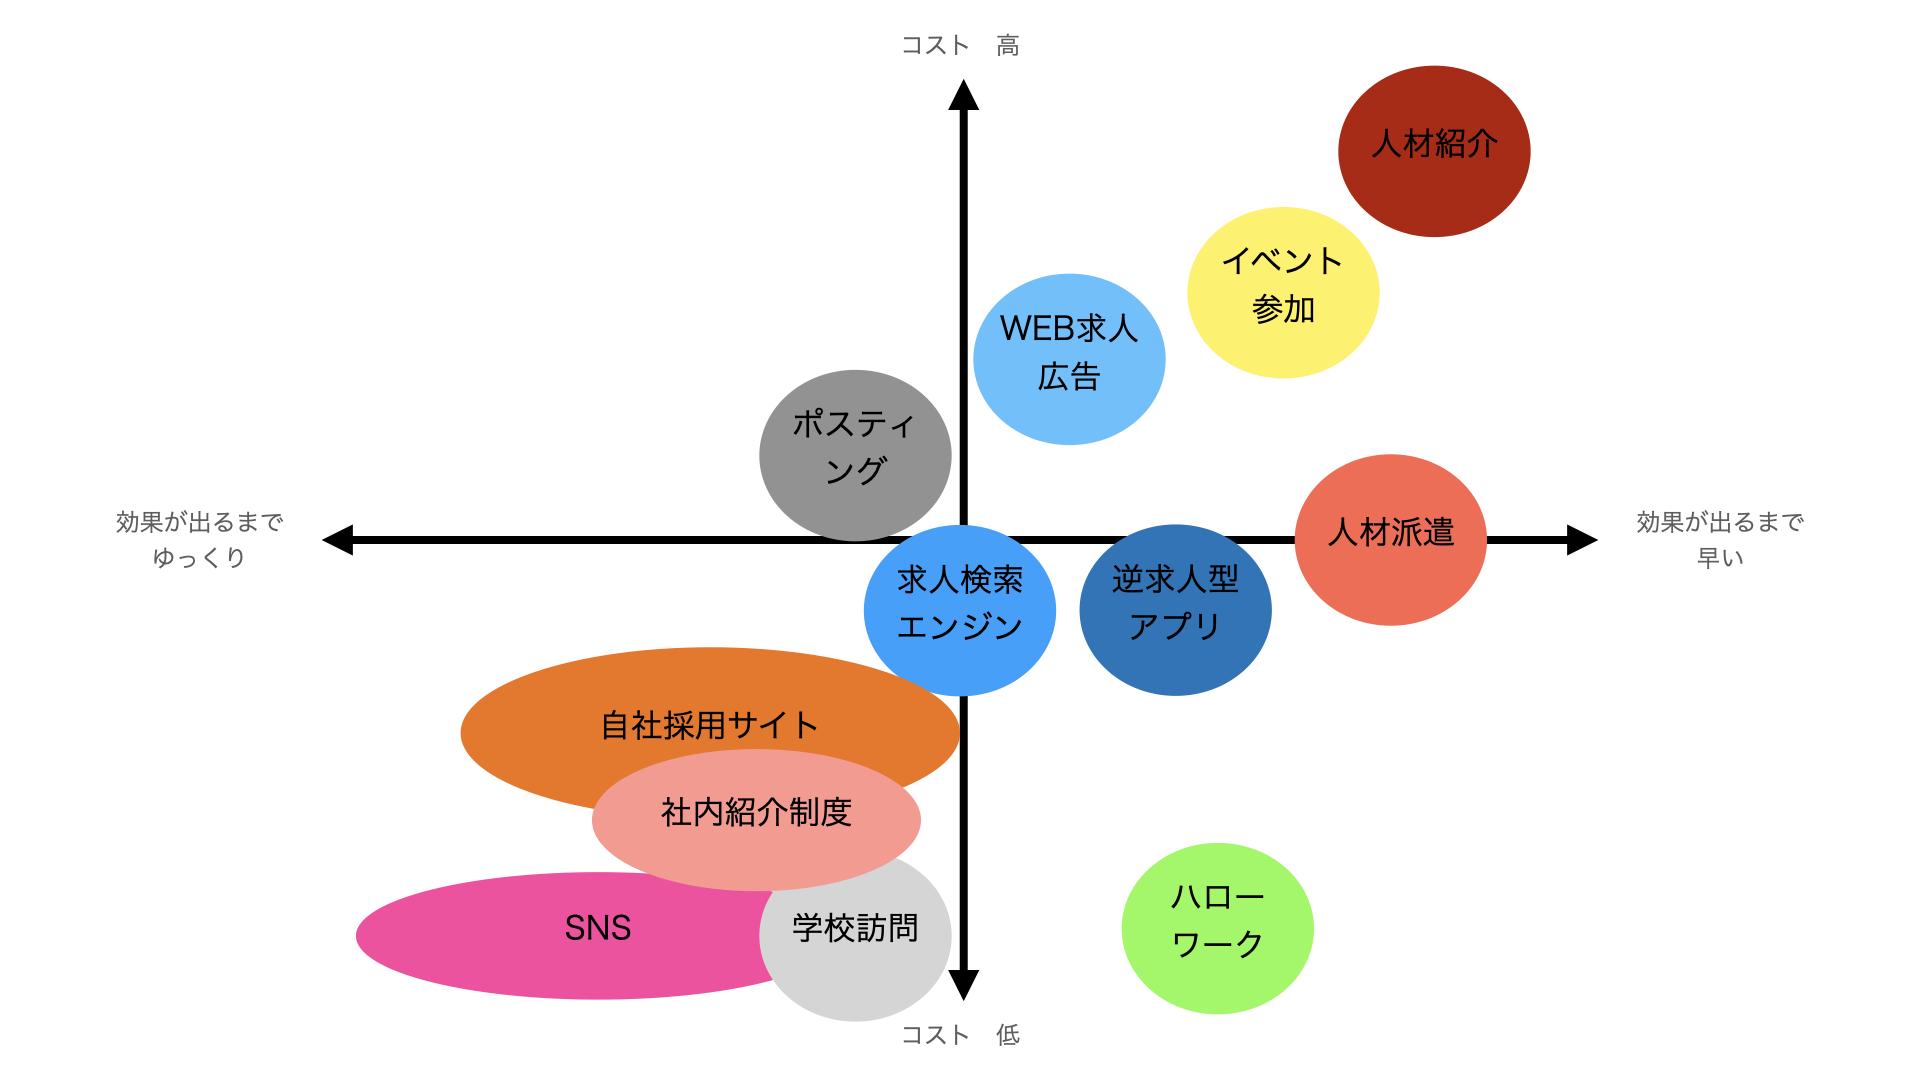 人材募集の手法 ポジショニングマップ(コスト×効果の早さ)